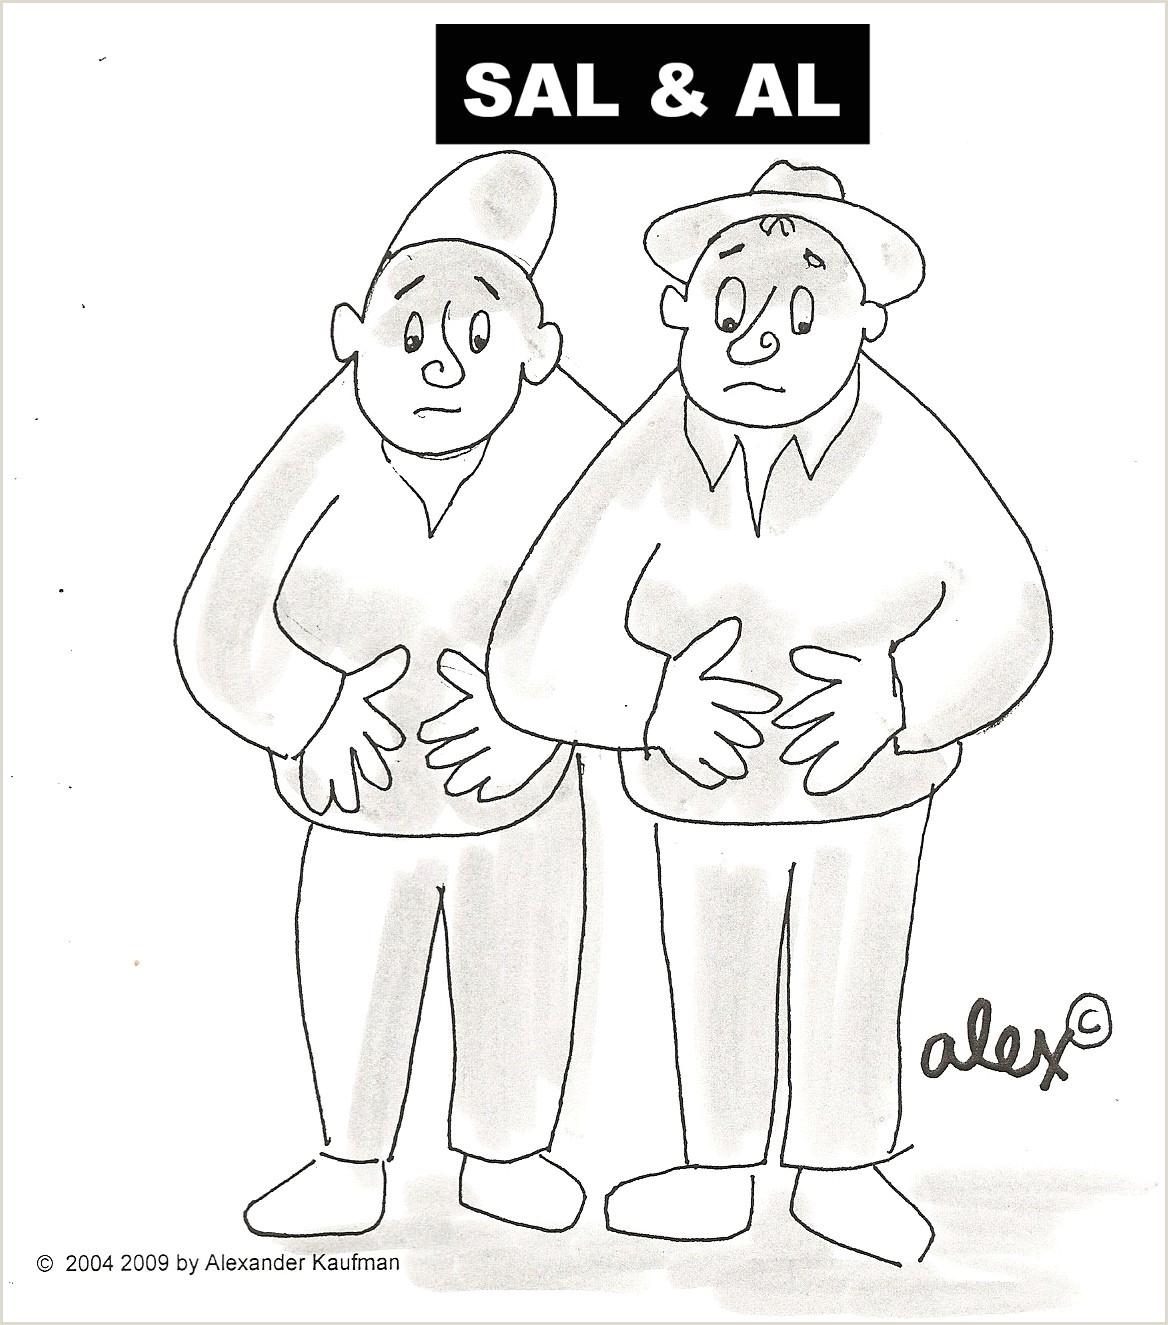 Modelo Hoja De Vida Año 2019 Sal and Al Mentary